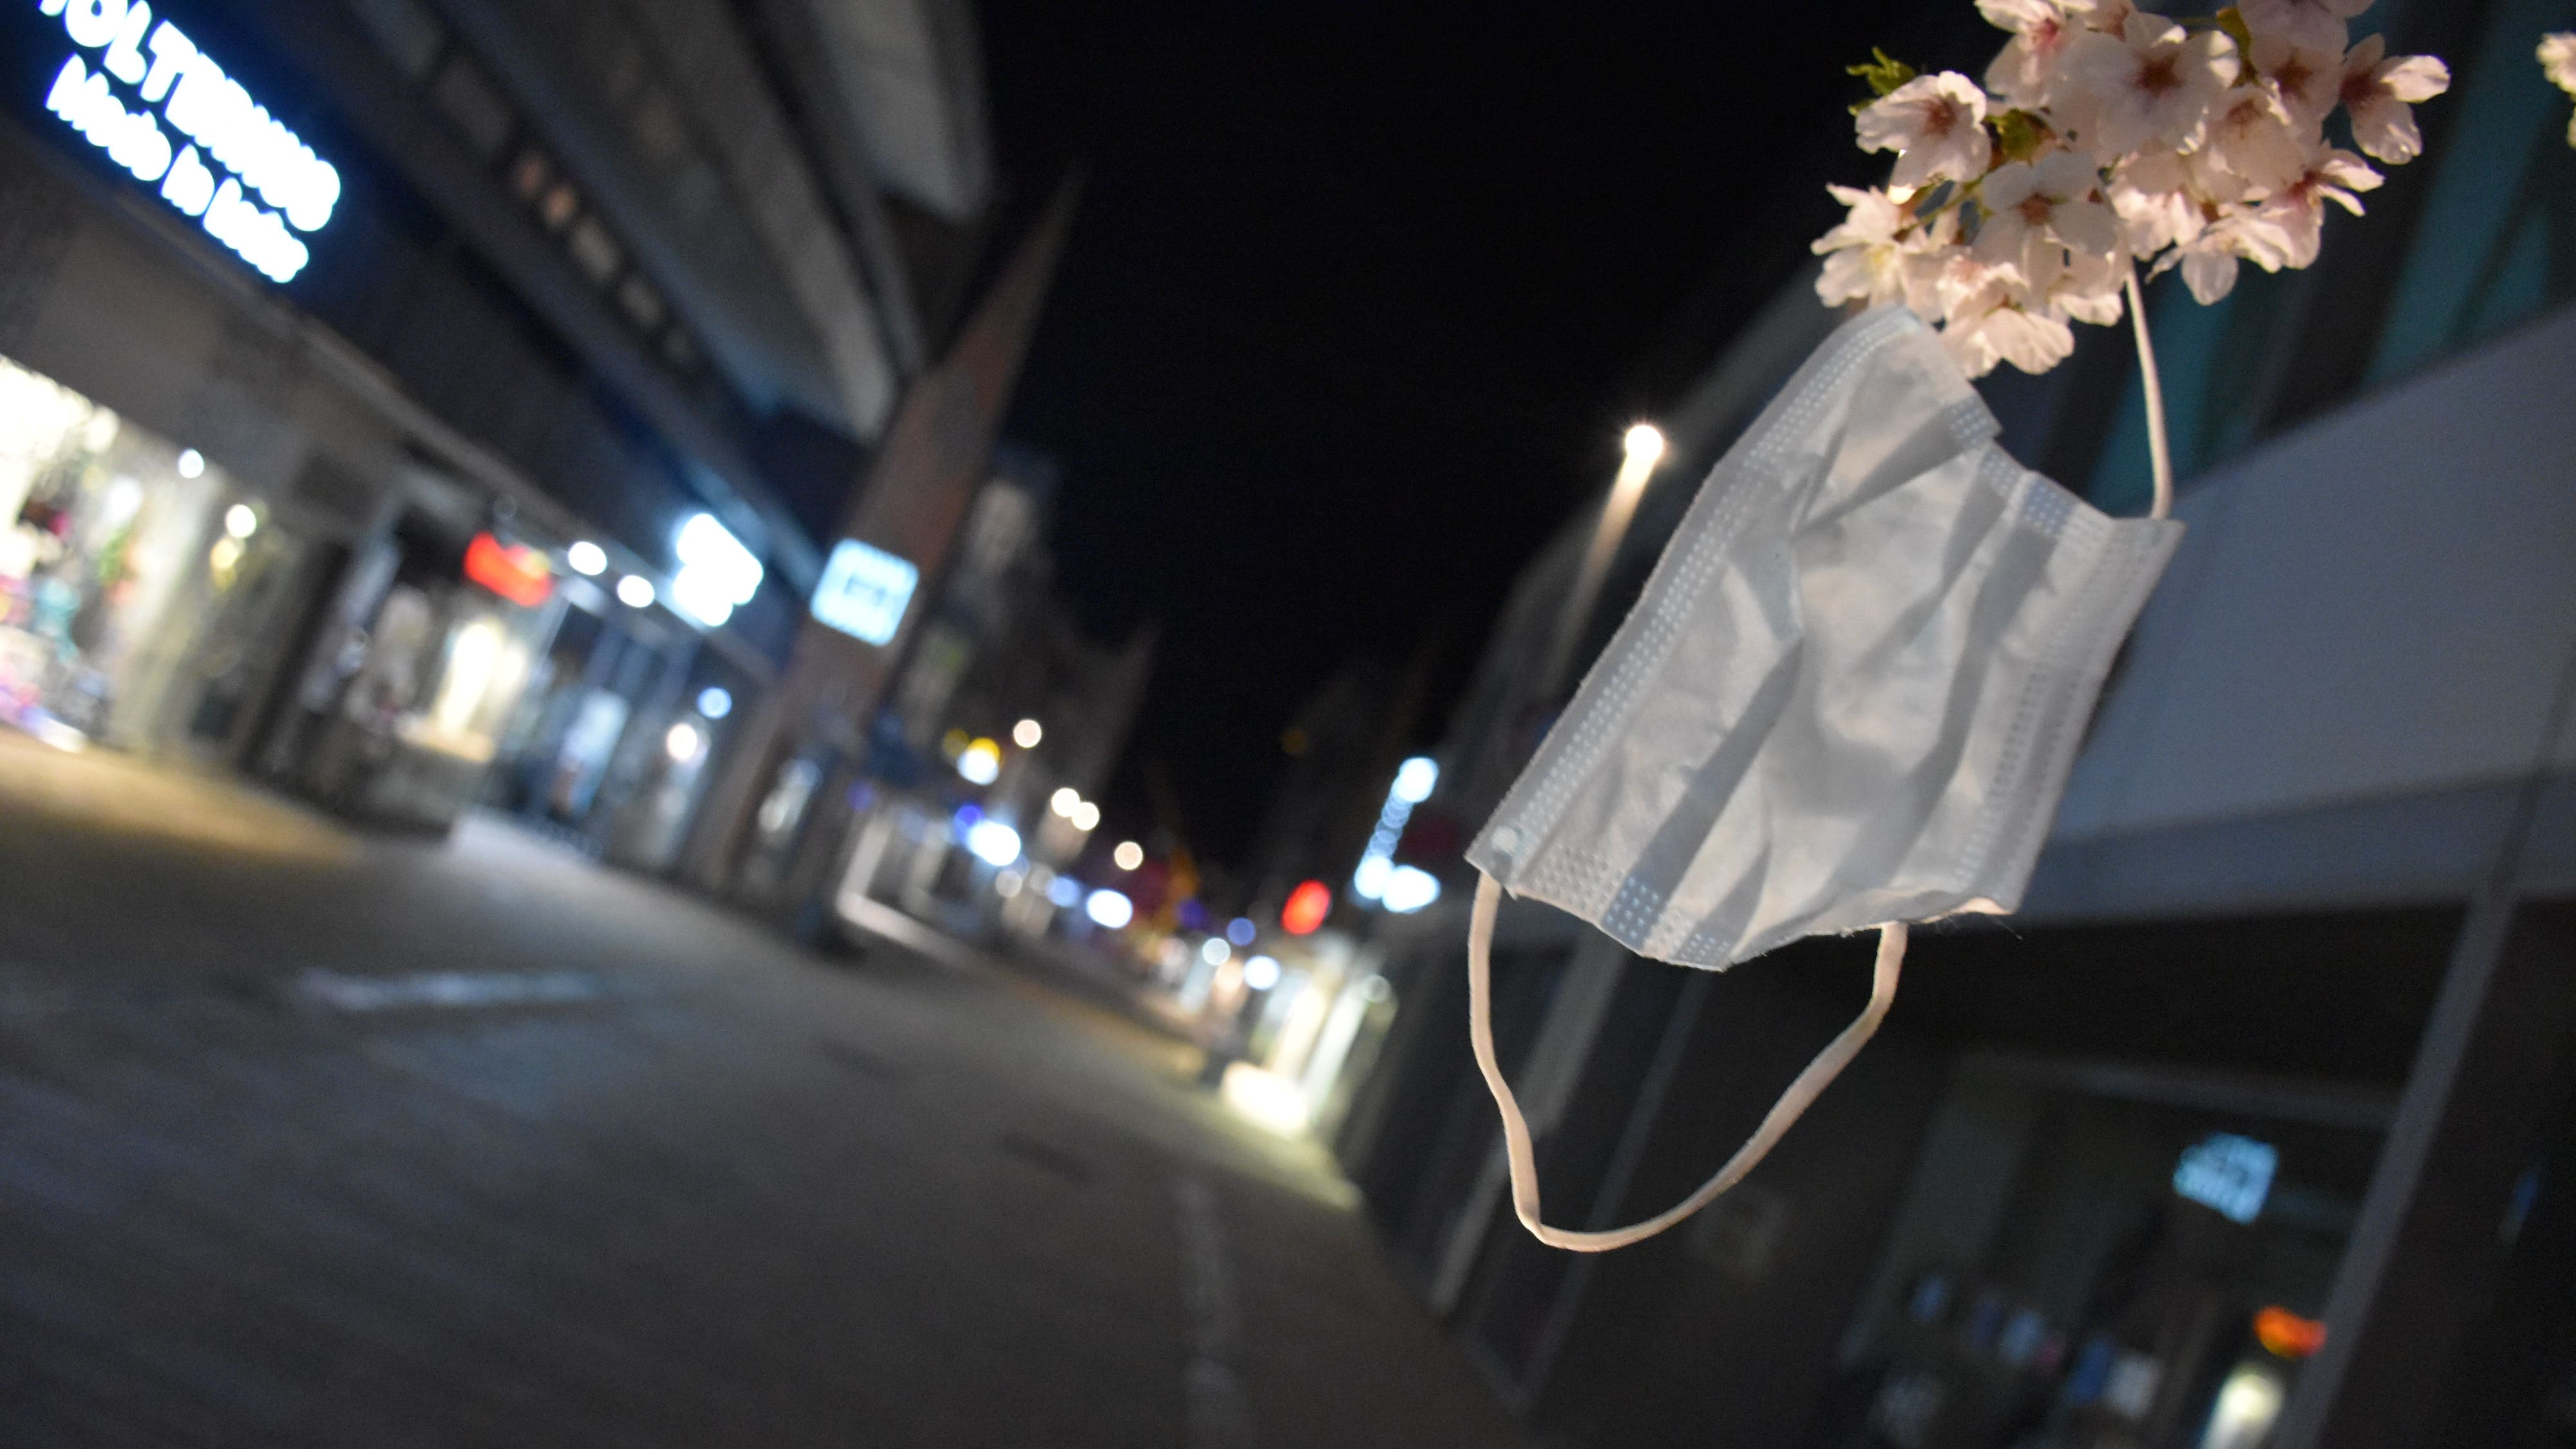 Nächtliche Ausgangssperre im Kreis Cloppenburg: Sie kehrt bereits in der Nacht zu Samstag um 0 Uhr mit Inkrafttreten einer neuen Allgemeinverfügung zurück. Symbolfoto: Max Meyer